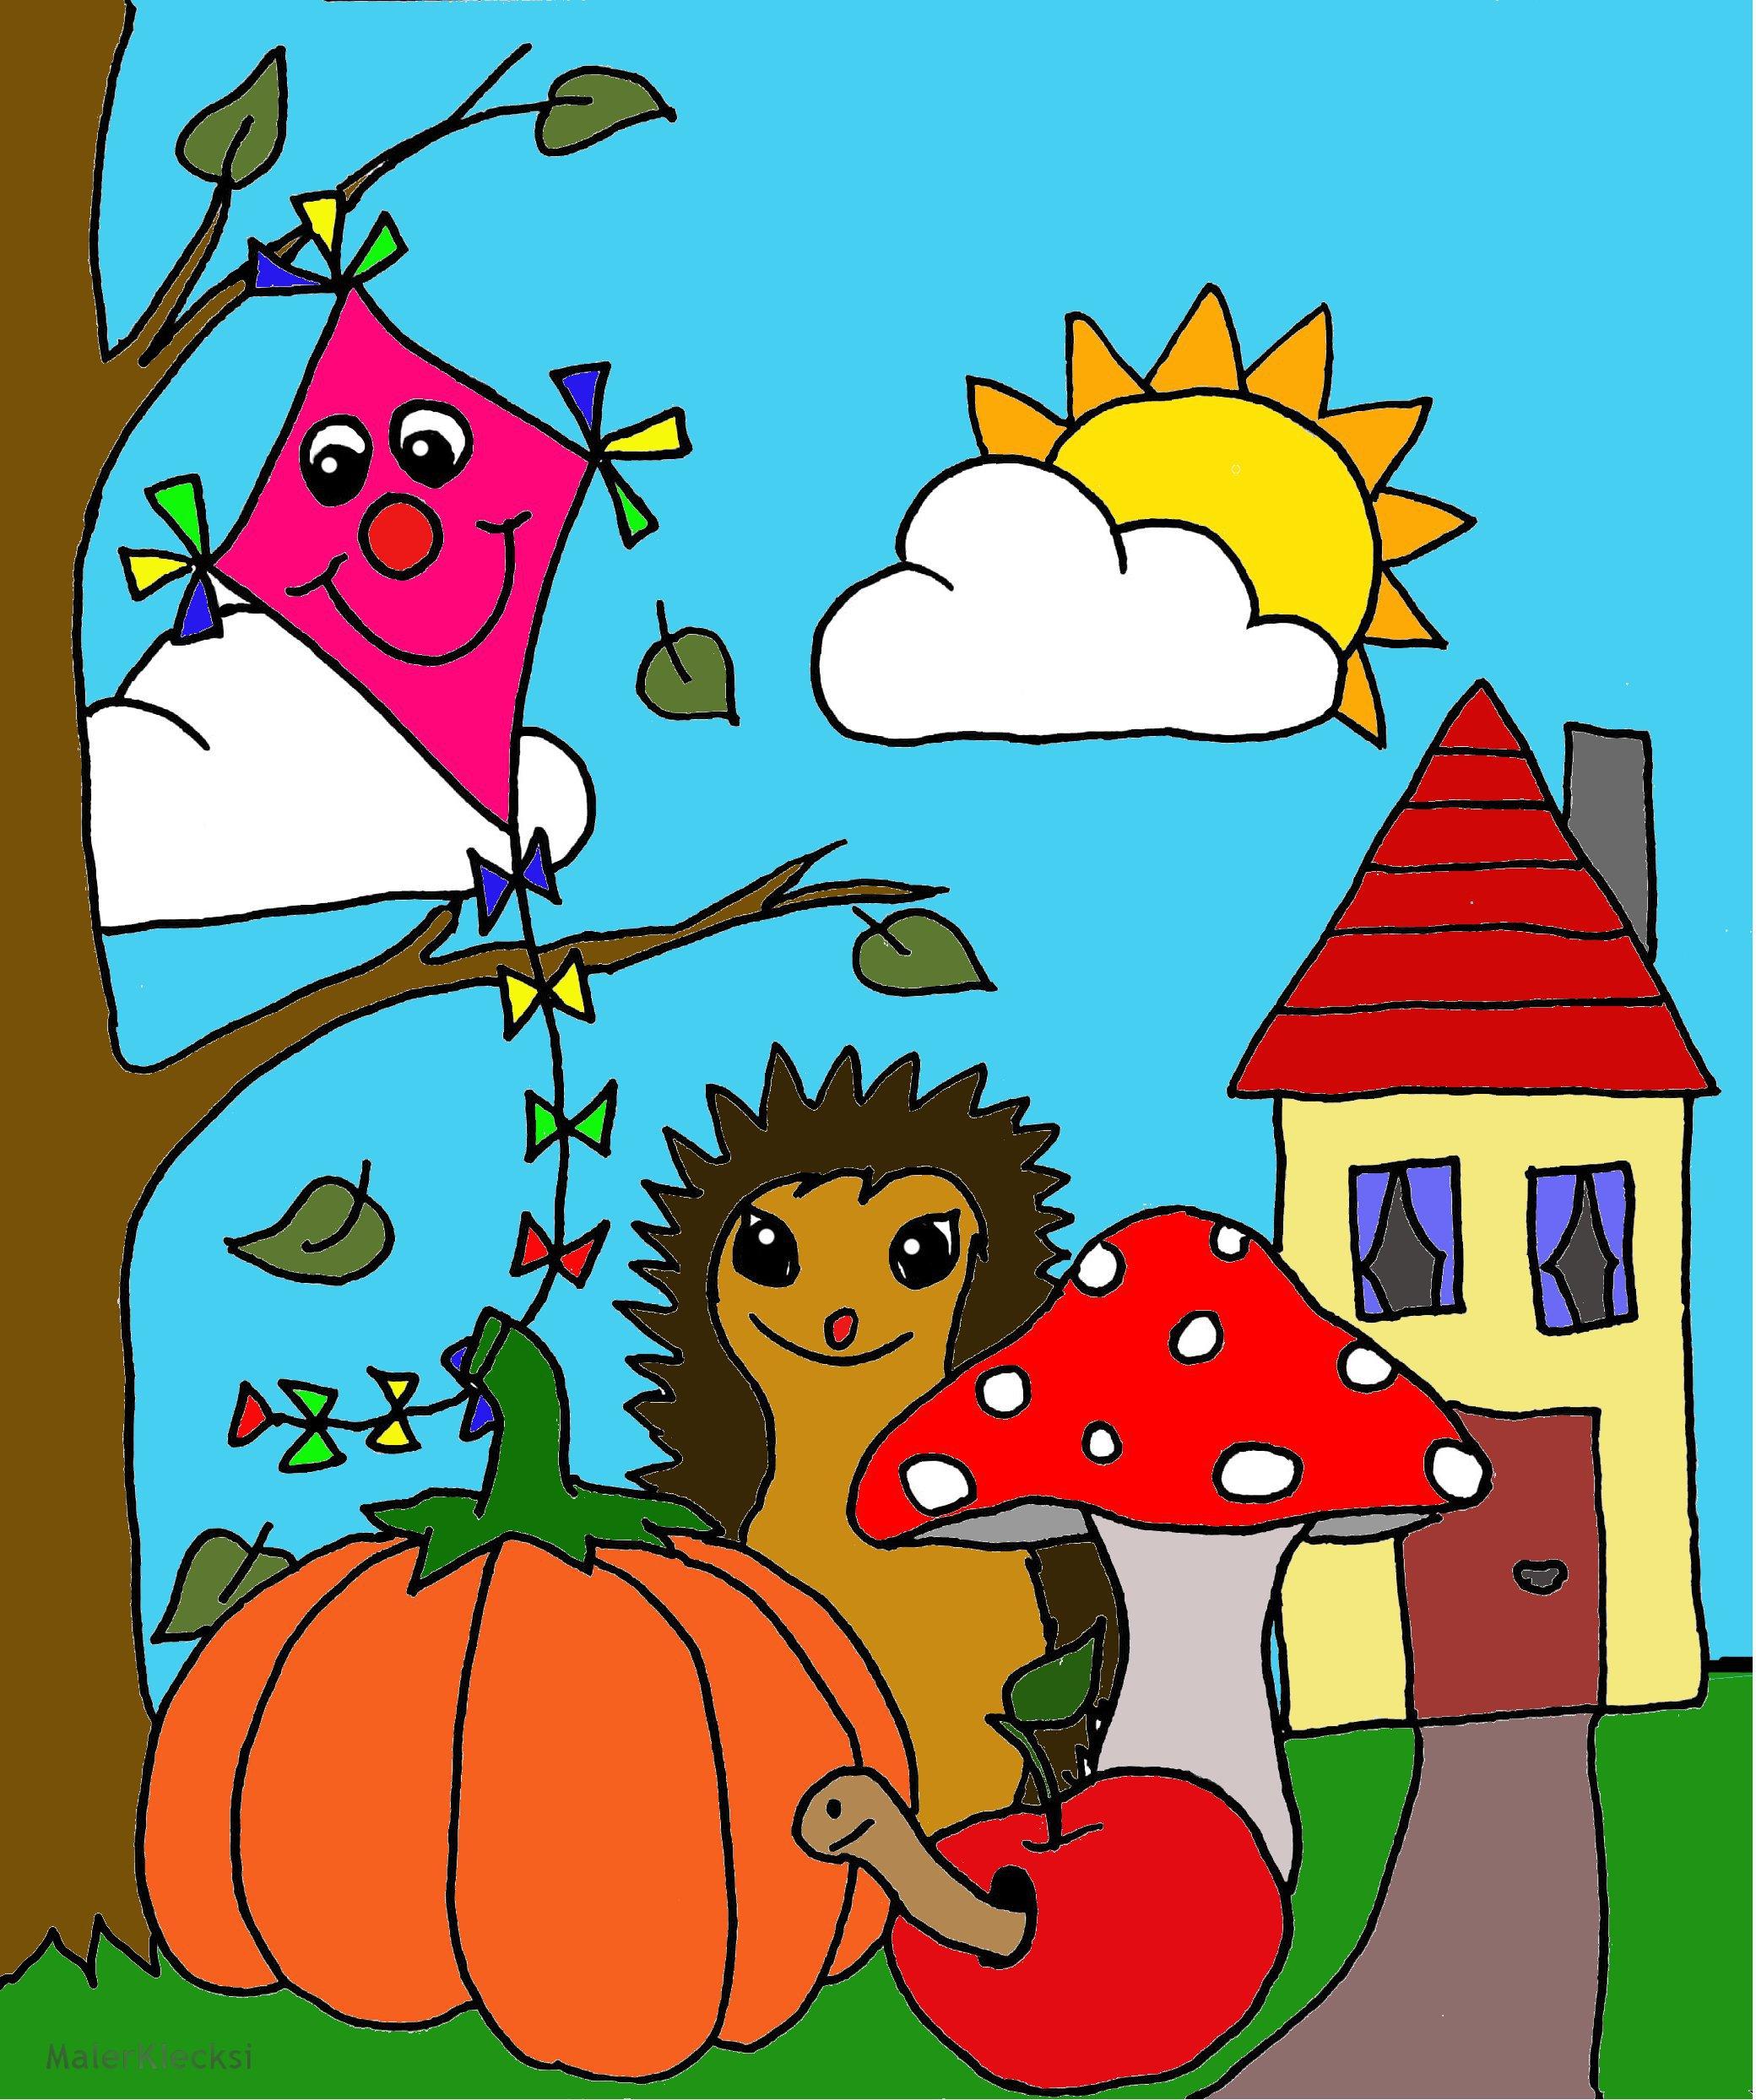 Herbstliches Kinderbild